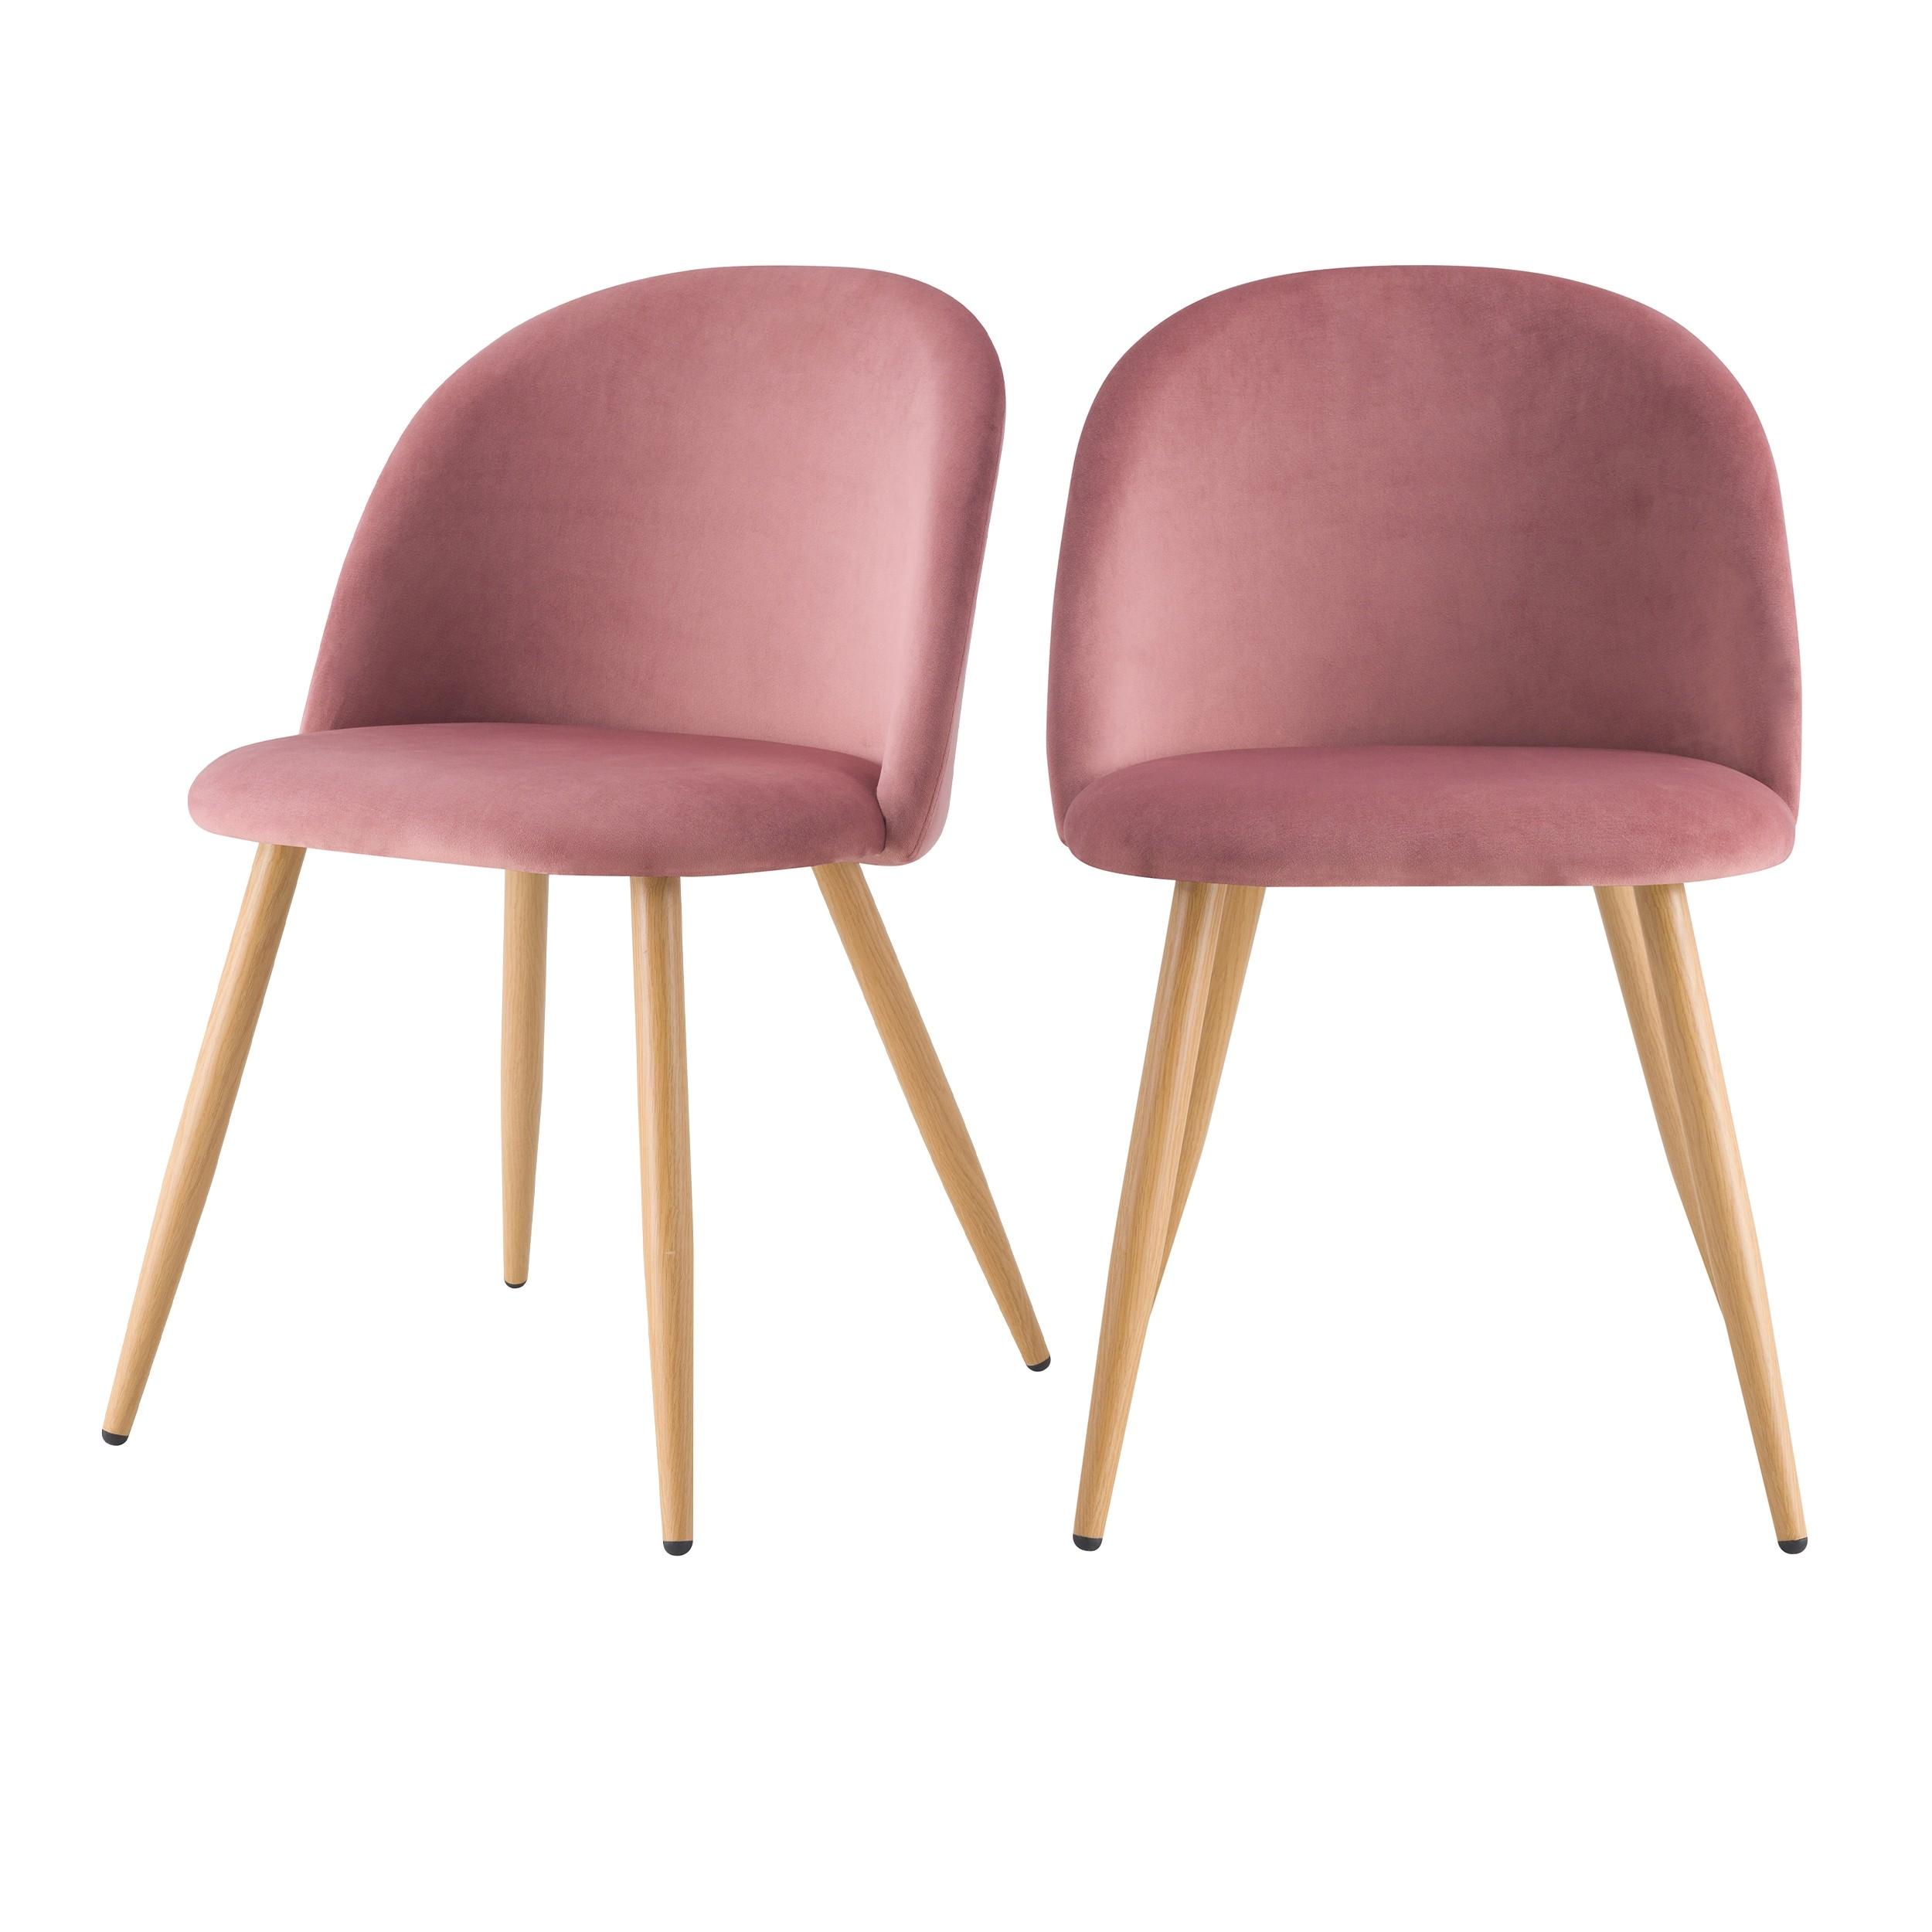 acheter chaise scandinave rose velours lot de 2